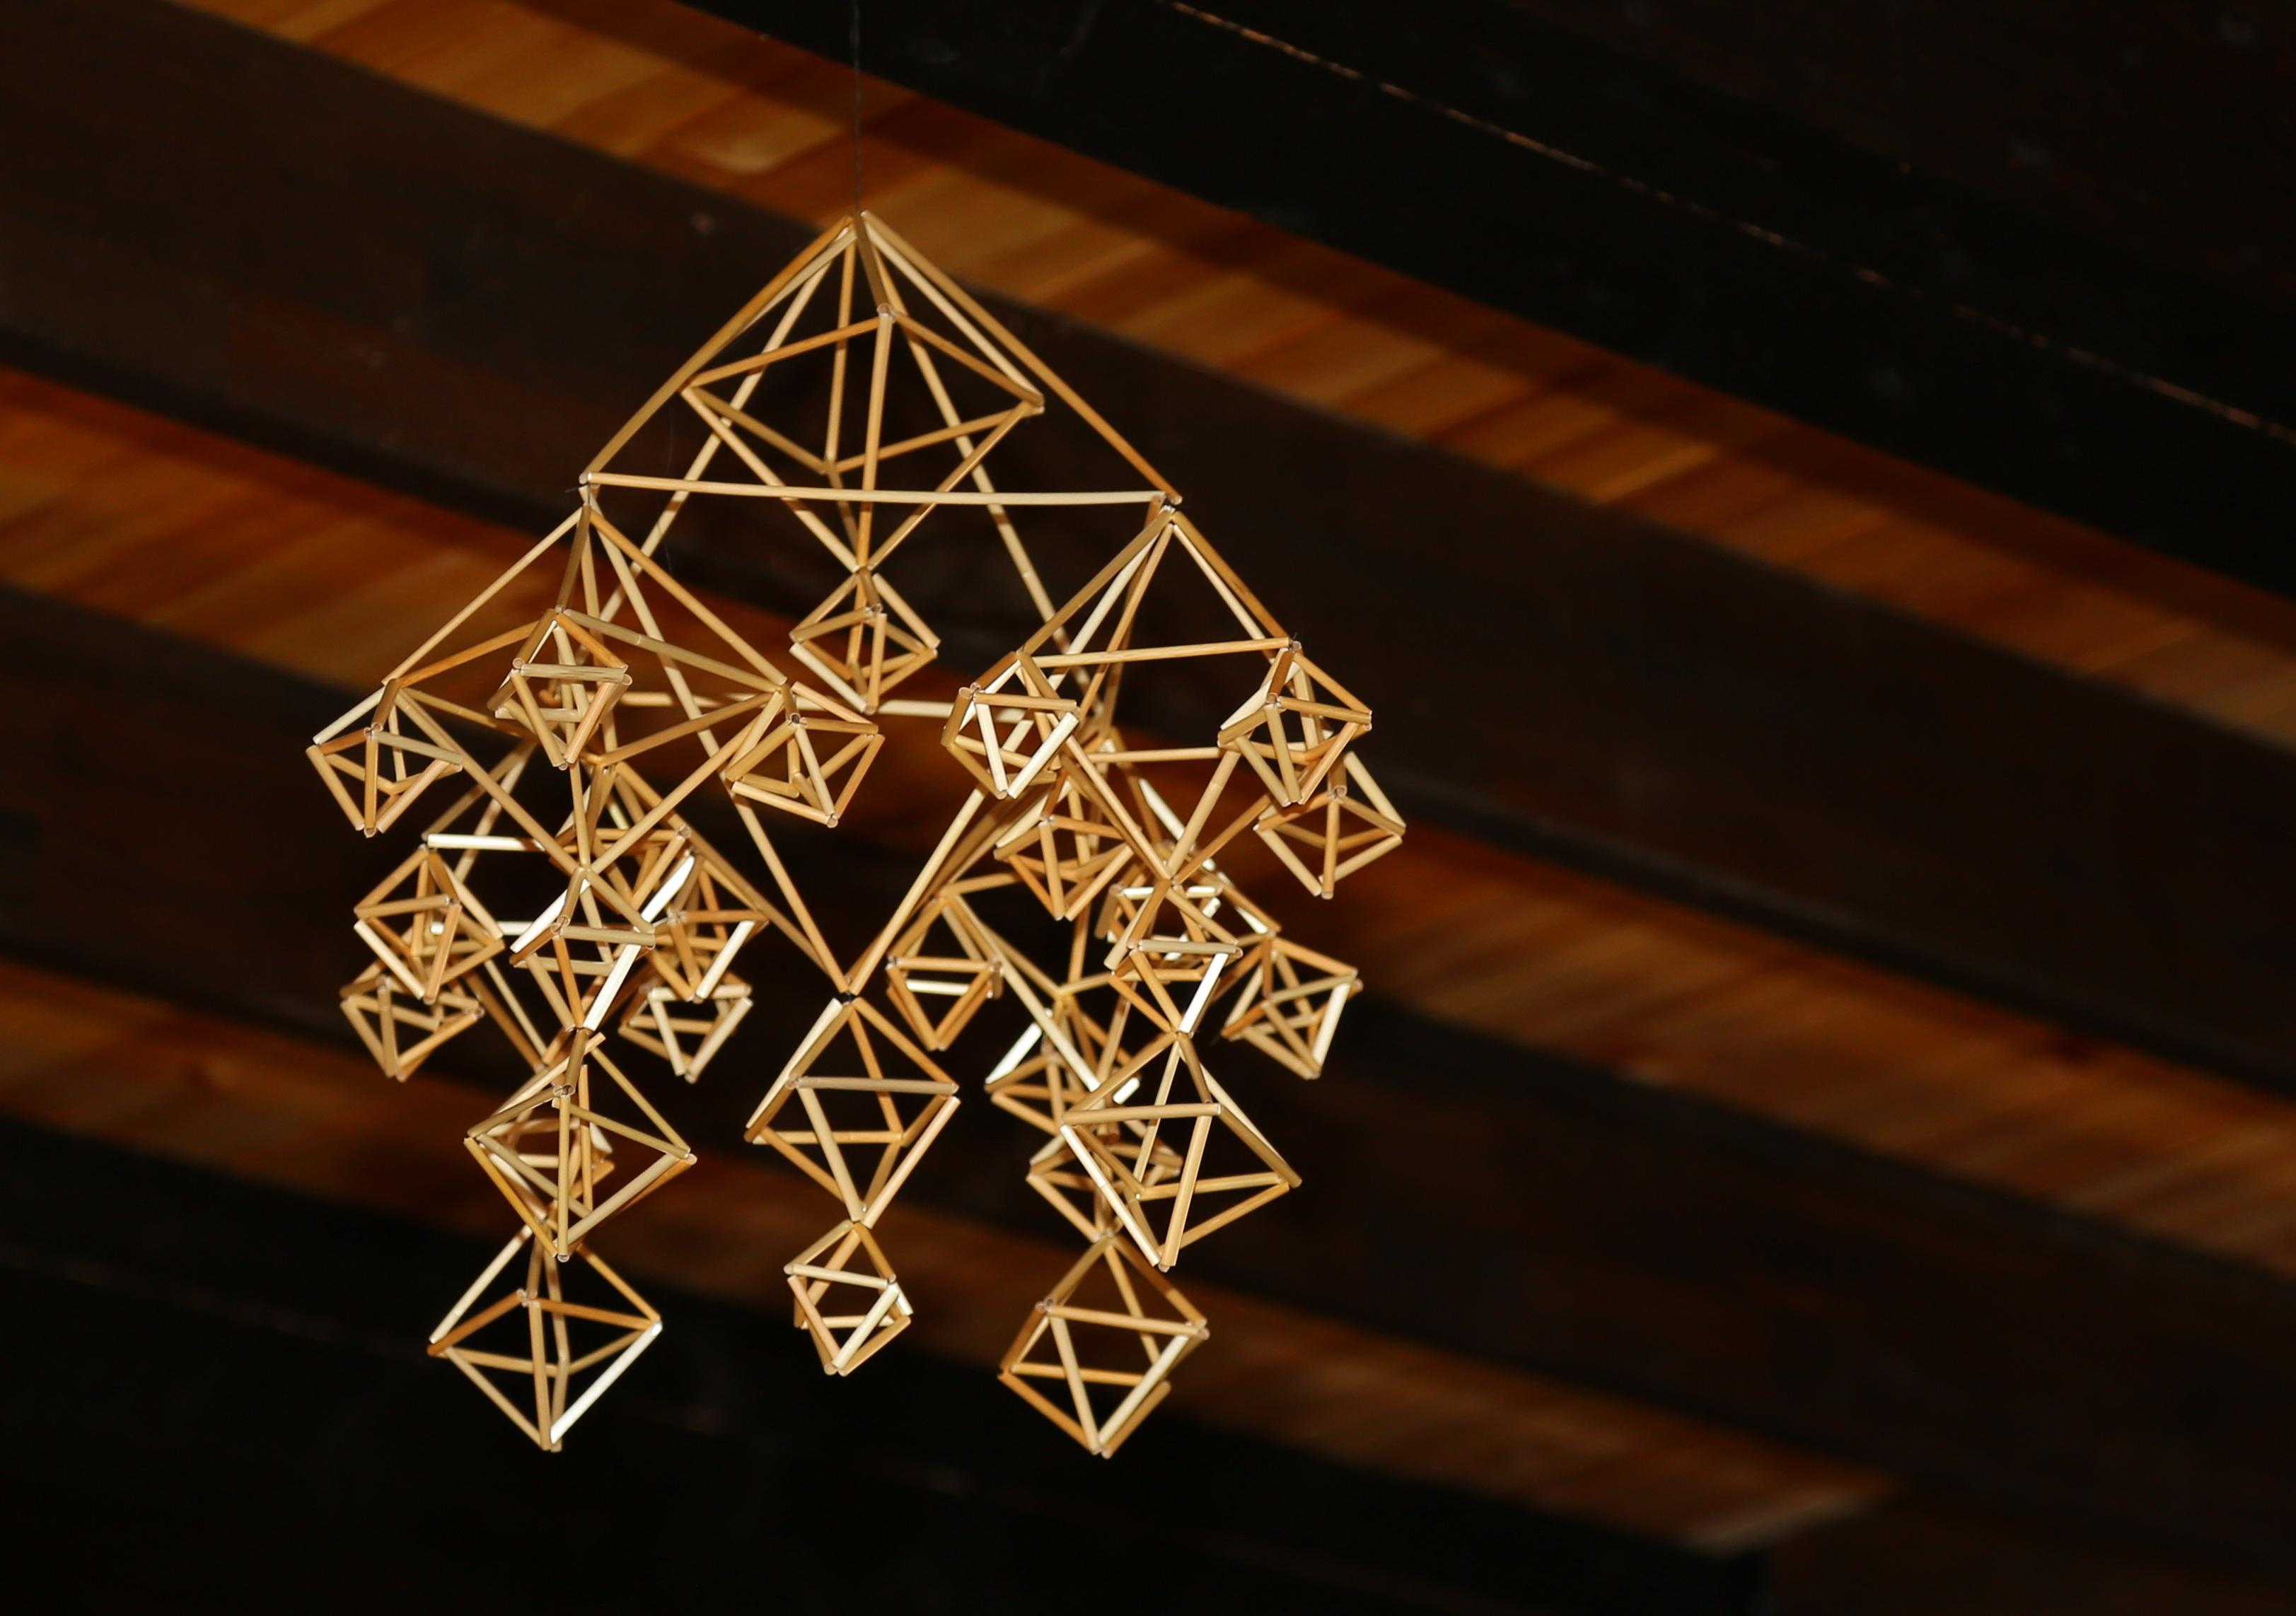 Gratis Afbeeldingen : licht, graan, ster, dak, logboek, ambacht ...